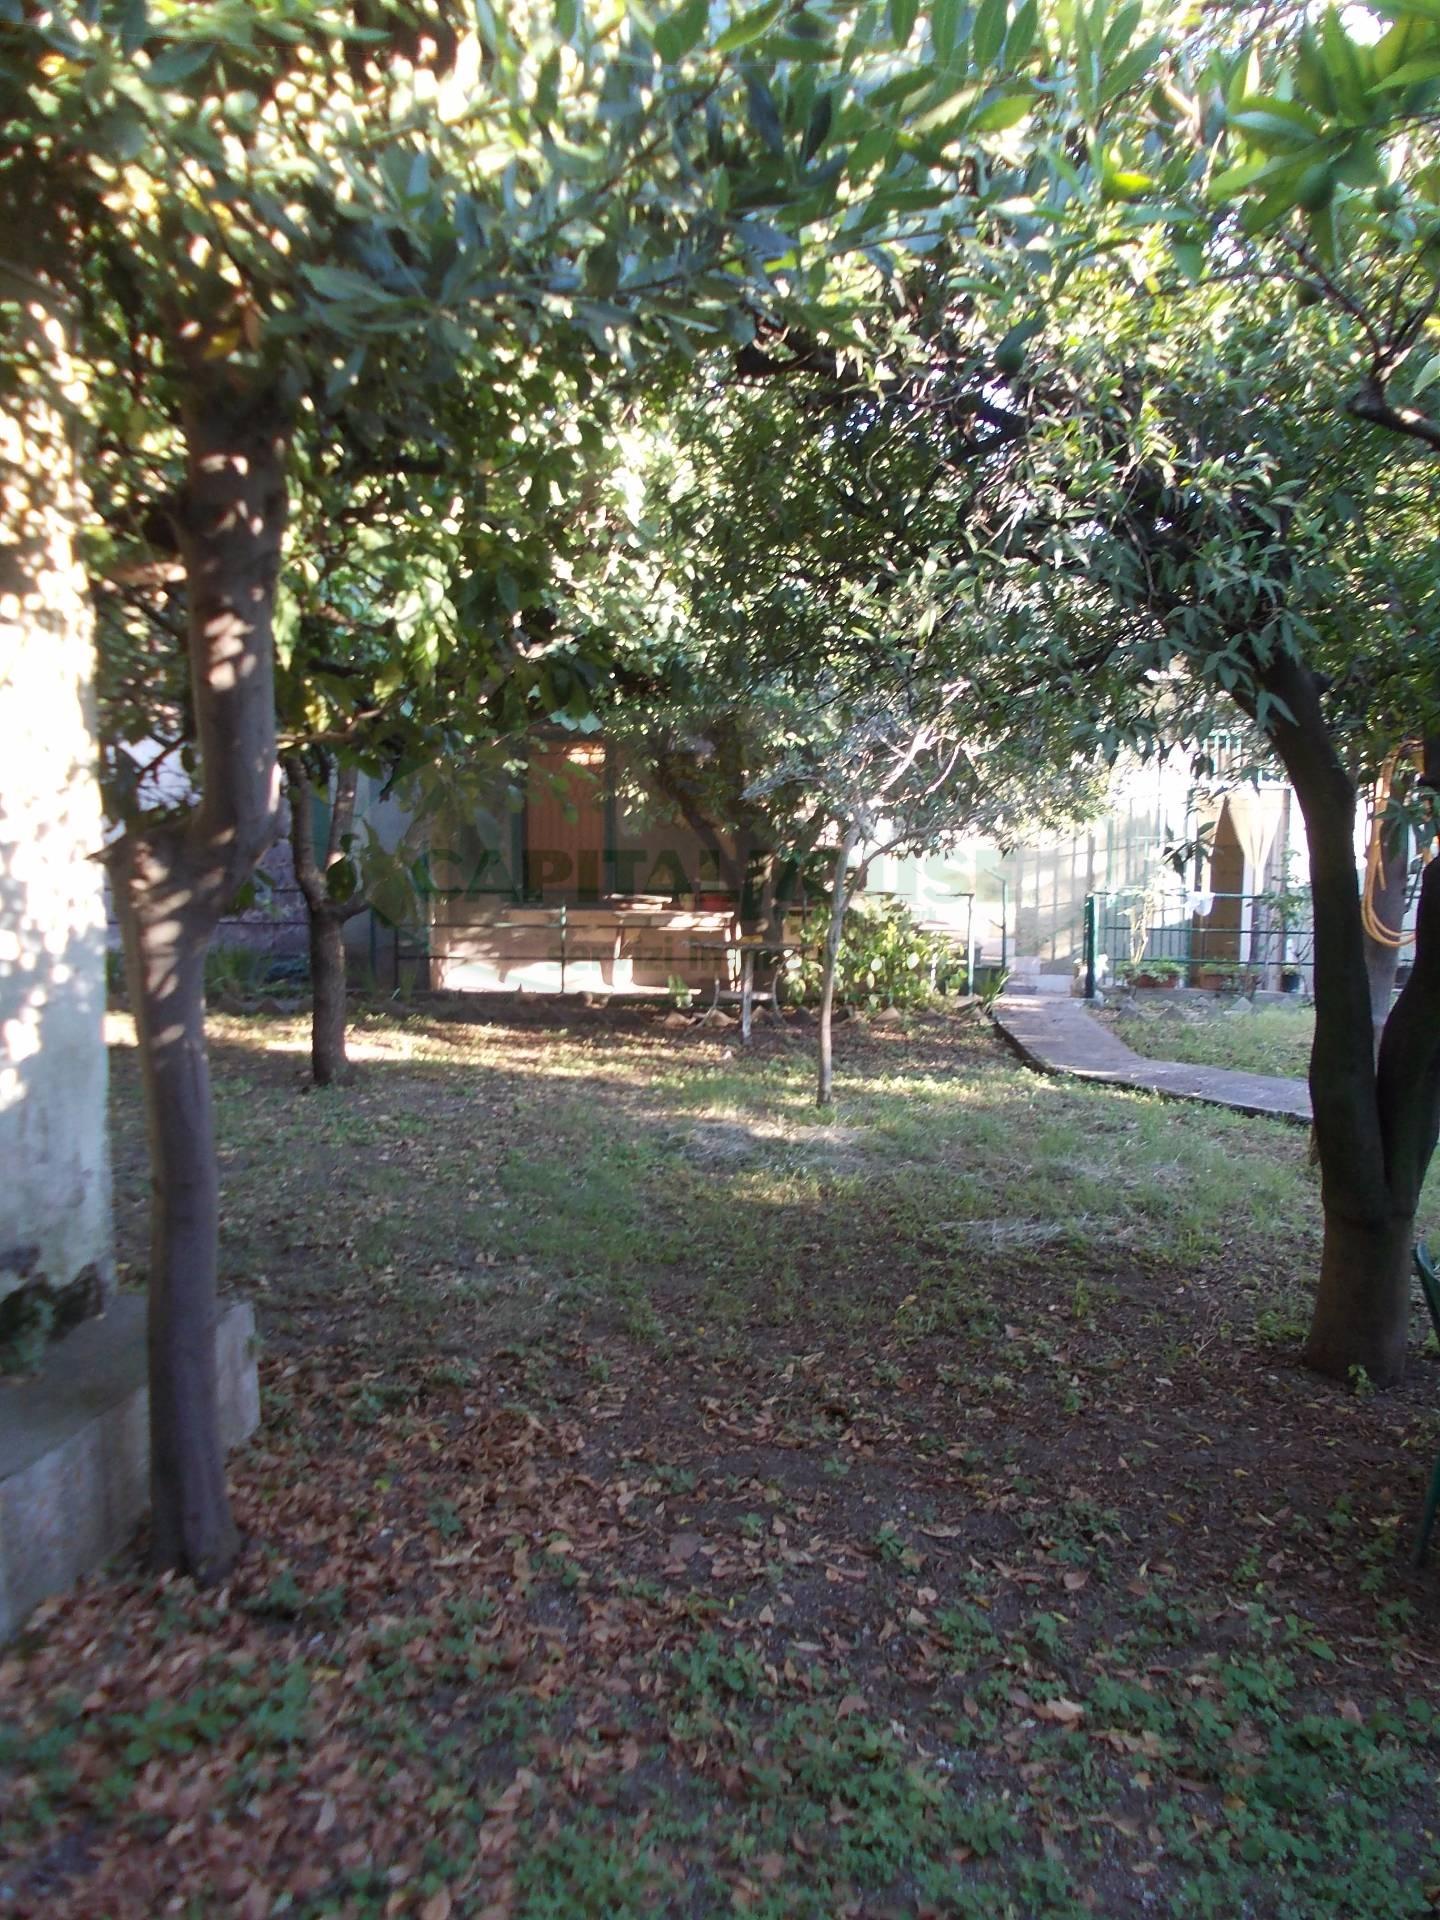 Villa in vendita a Santa Maria Capua Vetere, 4 locali, zona Località: ZonaUfficio, prezzo € 390.000 | Cambio Casa.it